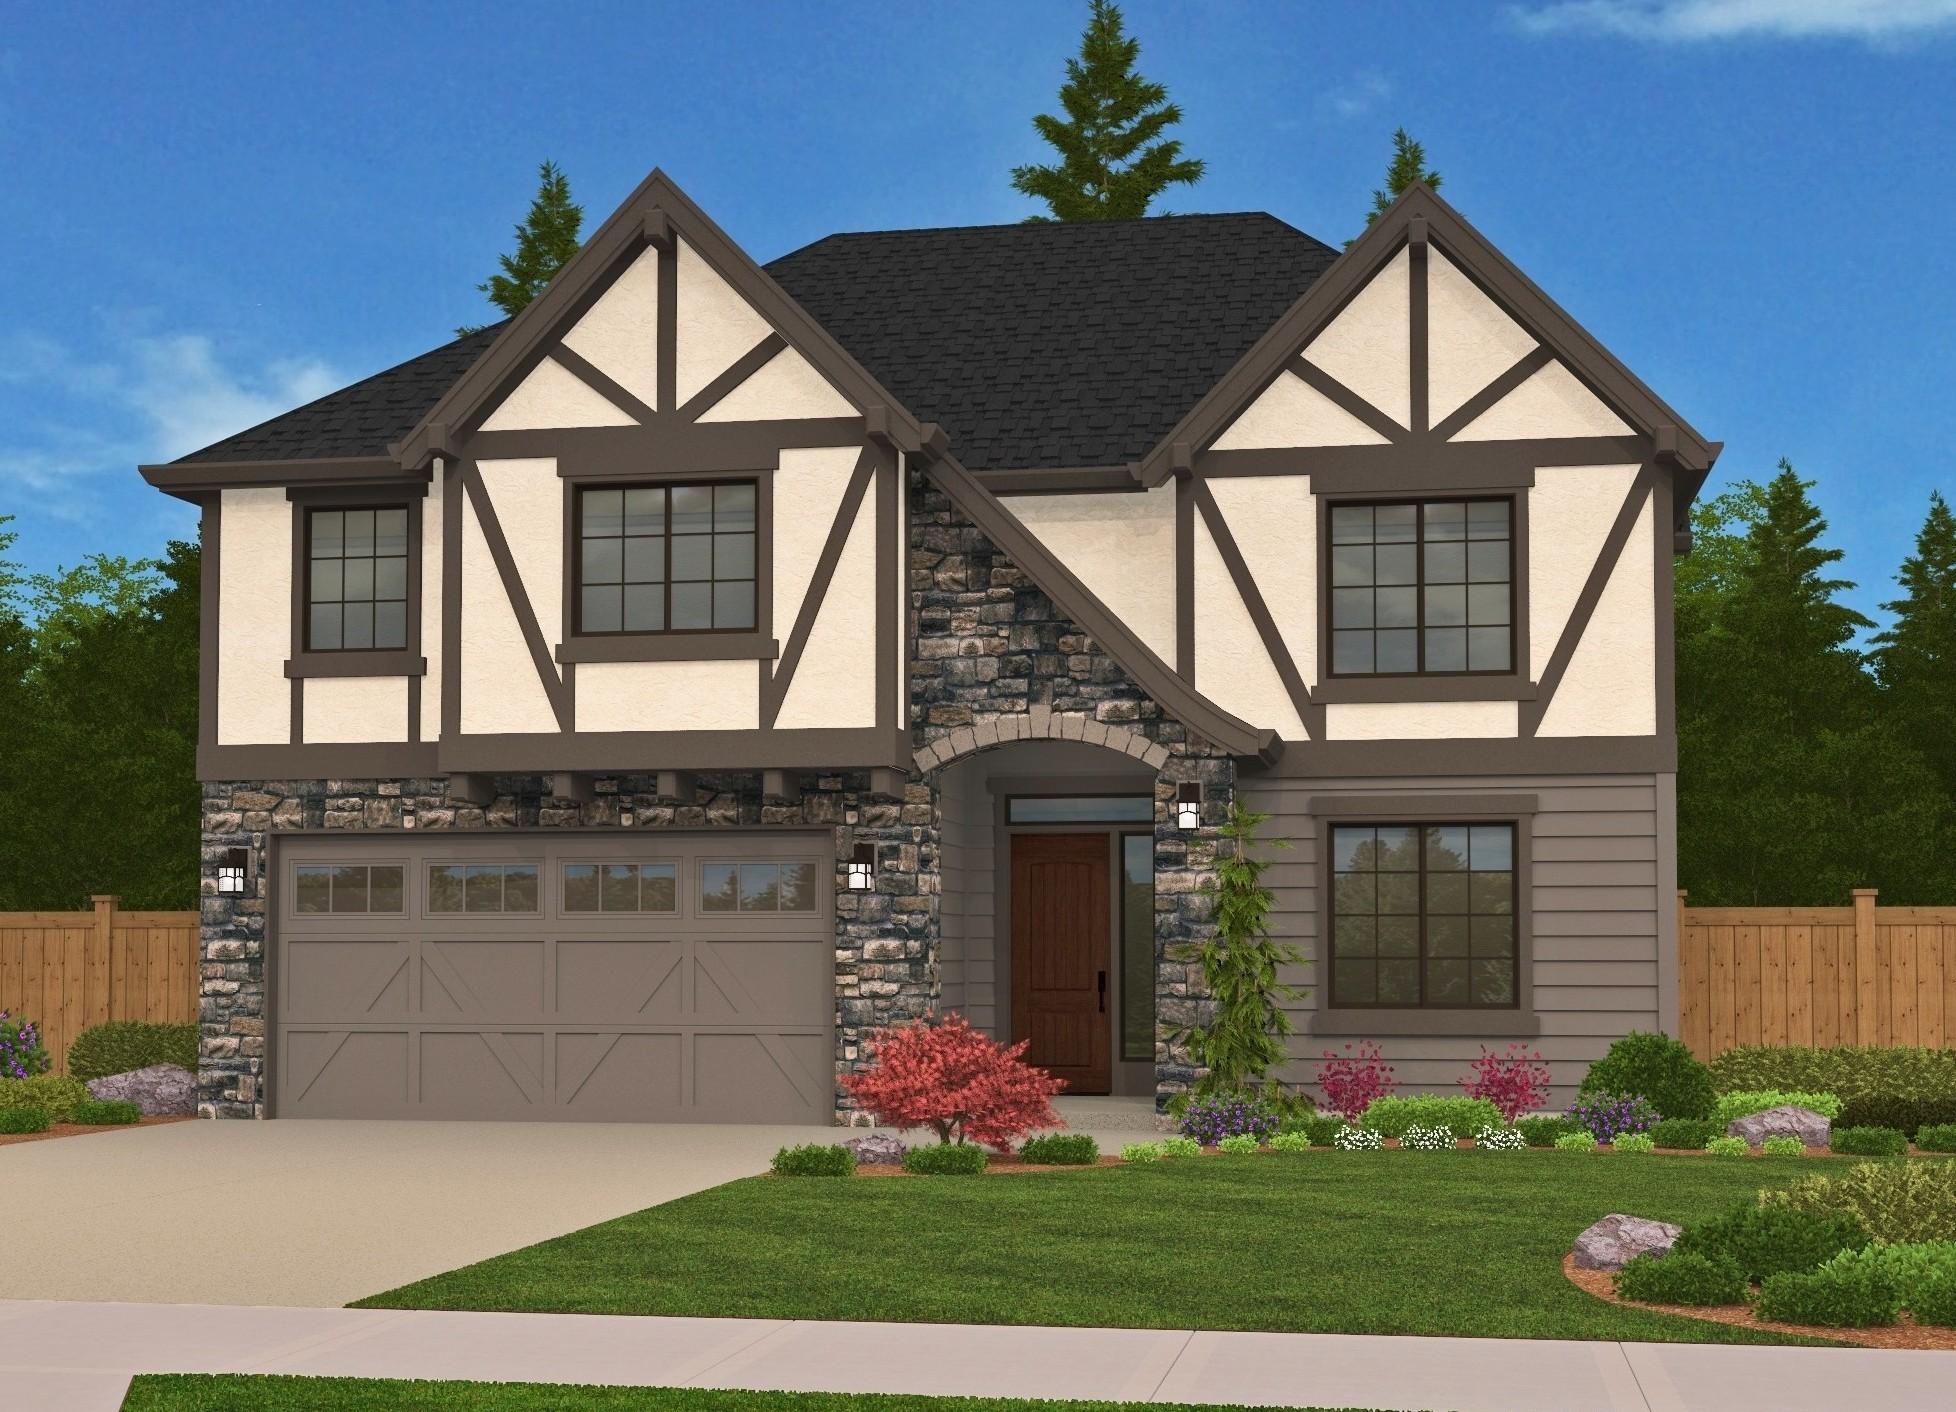 modern tudor style house plans custom tudor home designs with photos rh markstewart com